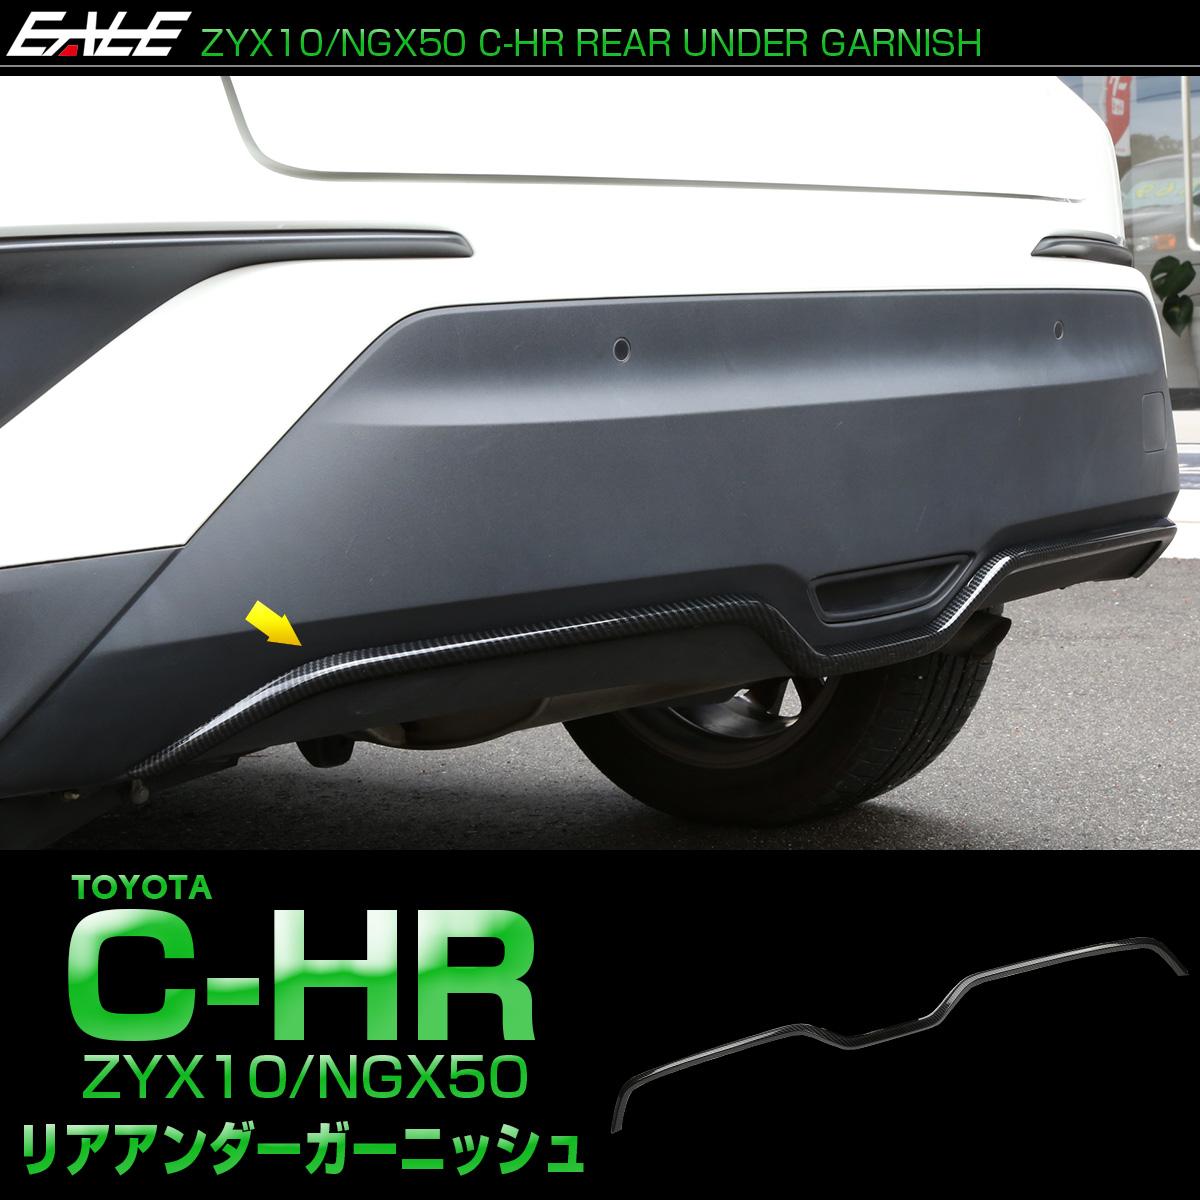 C-HR カーボン調 リアバンパー アンダー ガーニッシュ ABS樹脂製 メッキパーツ LB0022